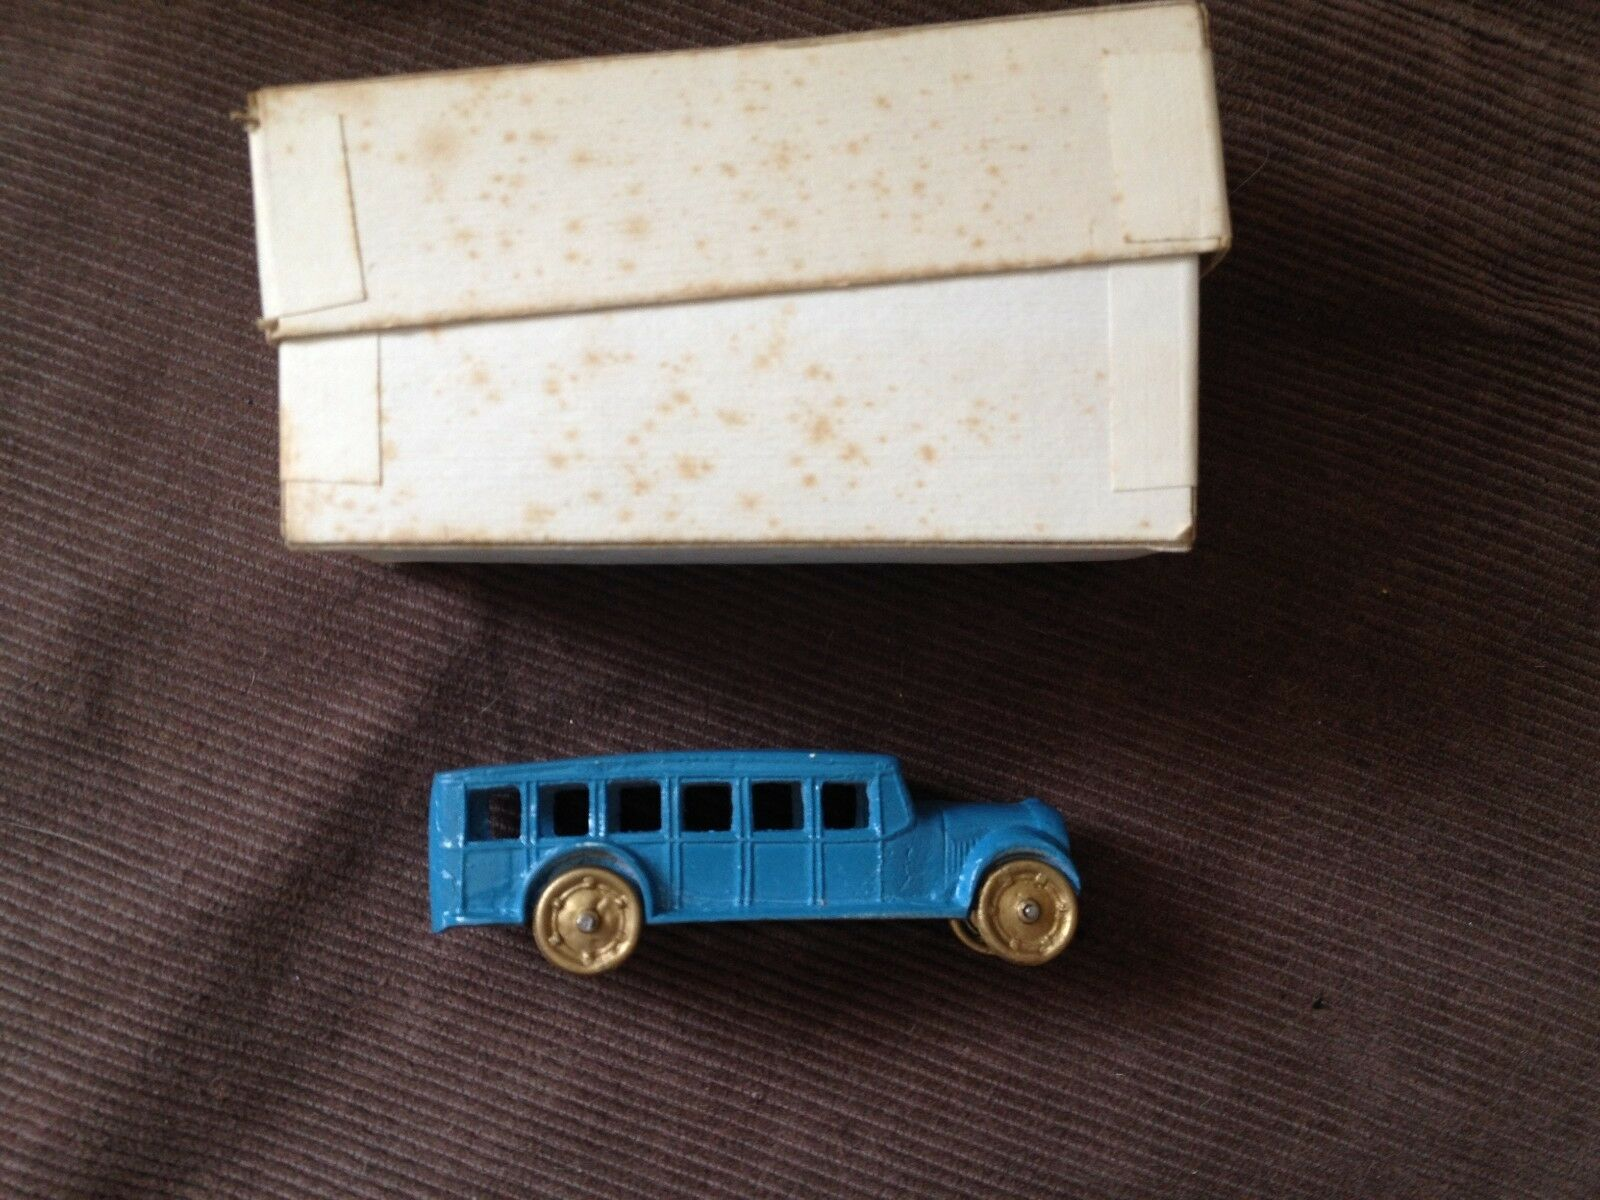 Antique vintage lead toy school bus in box